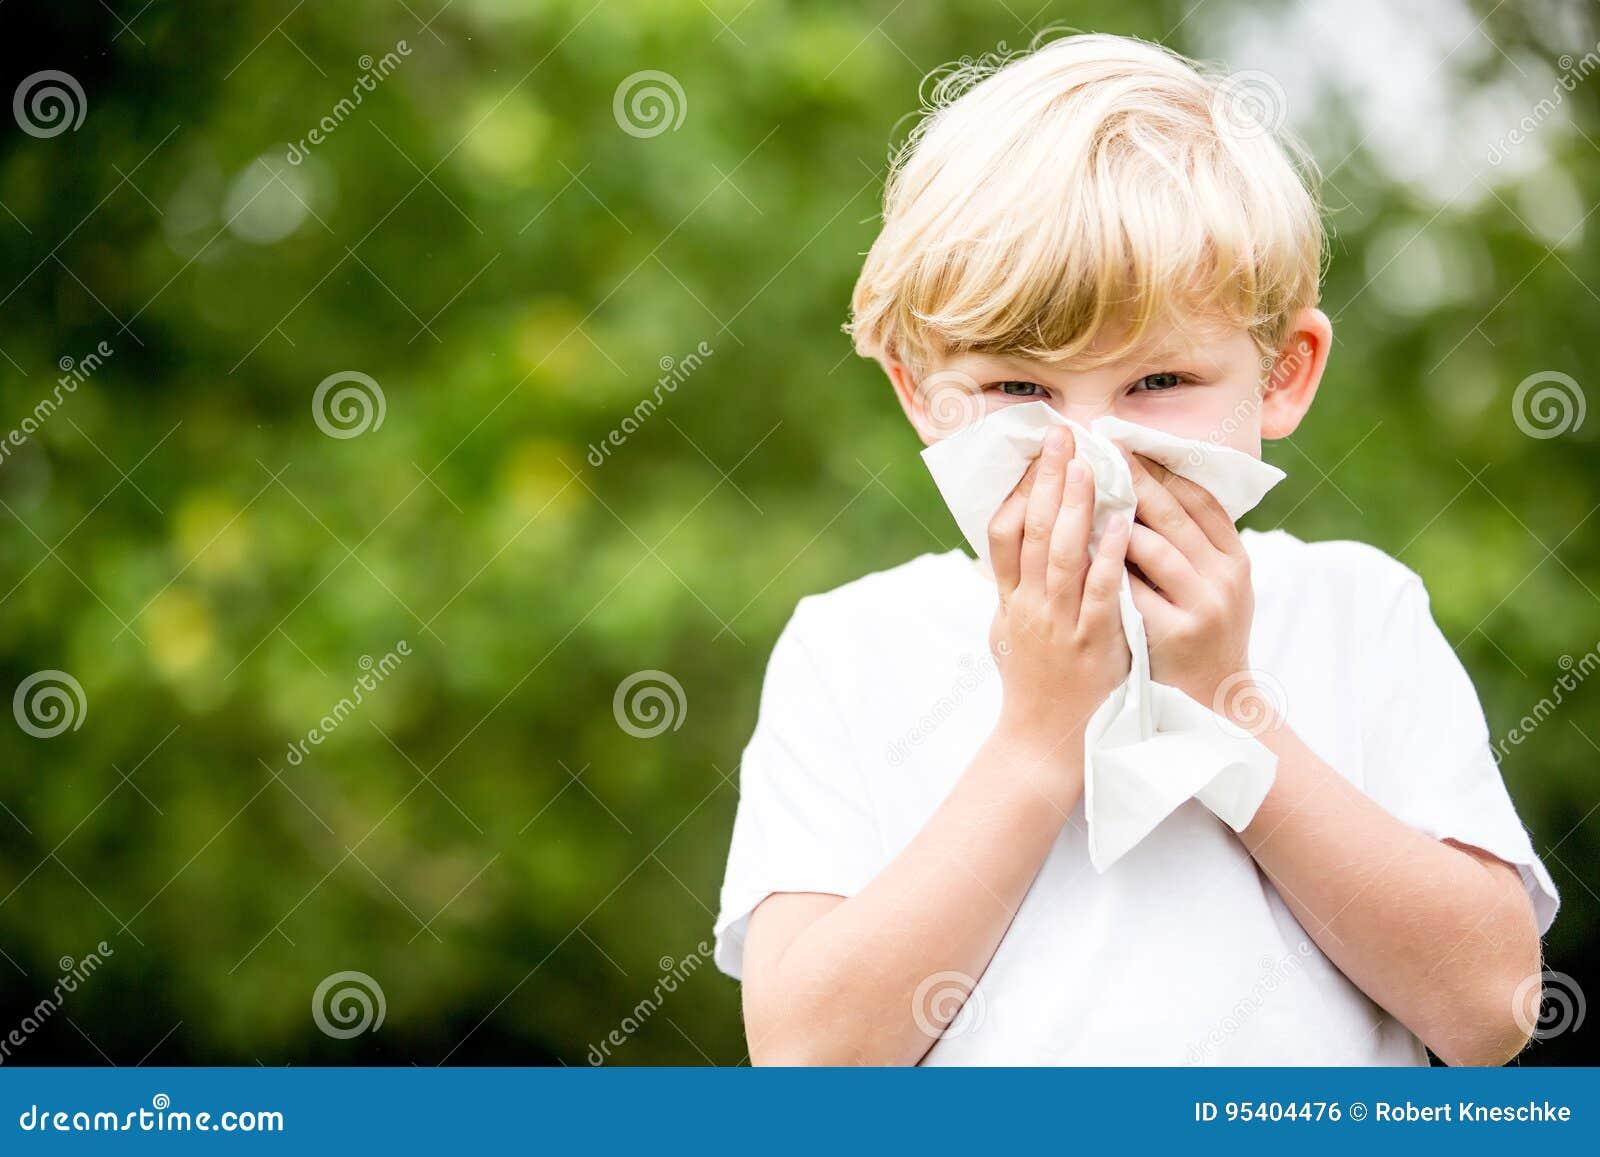 Enfant avec l allergie nettoyant son nez